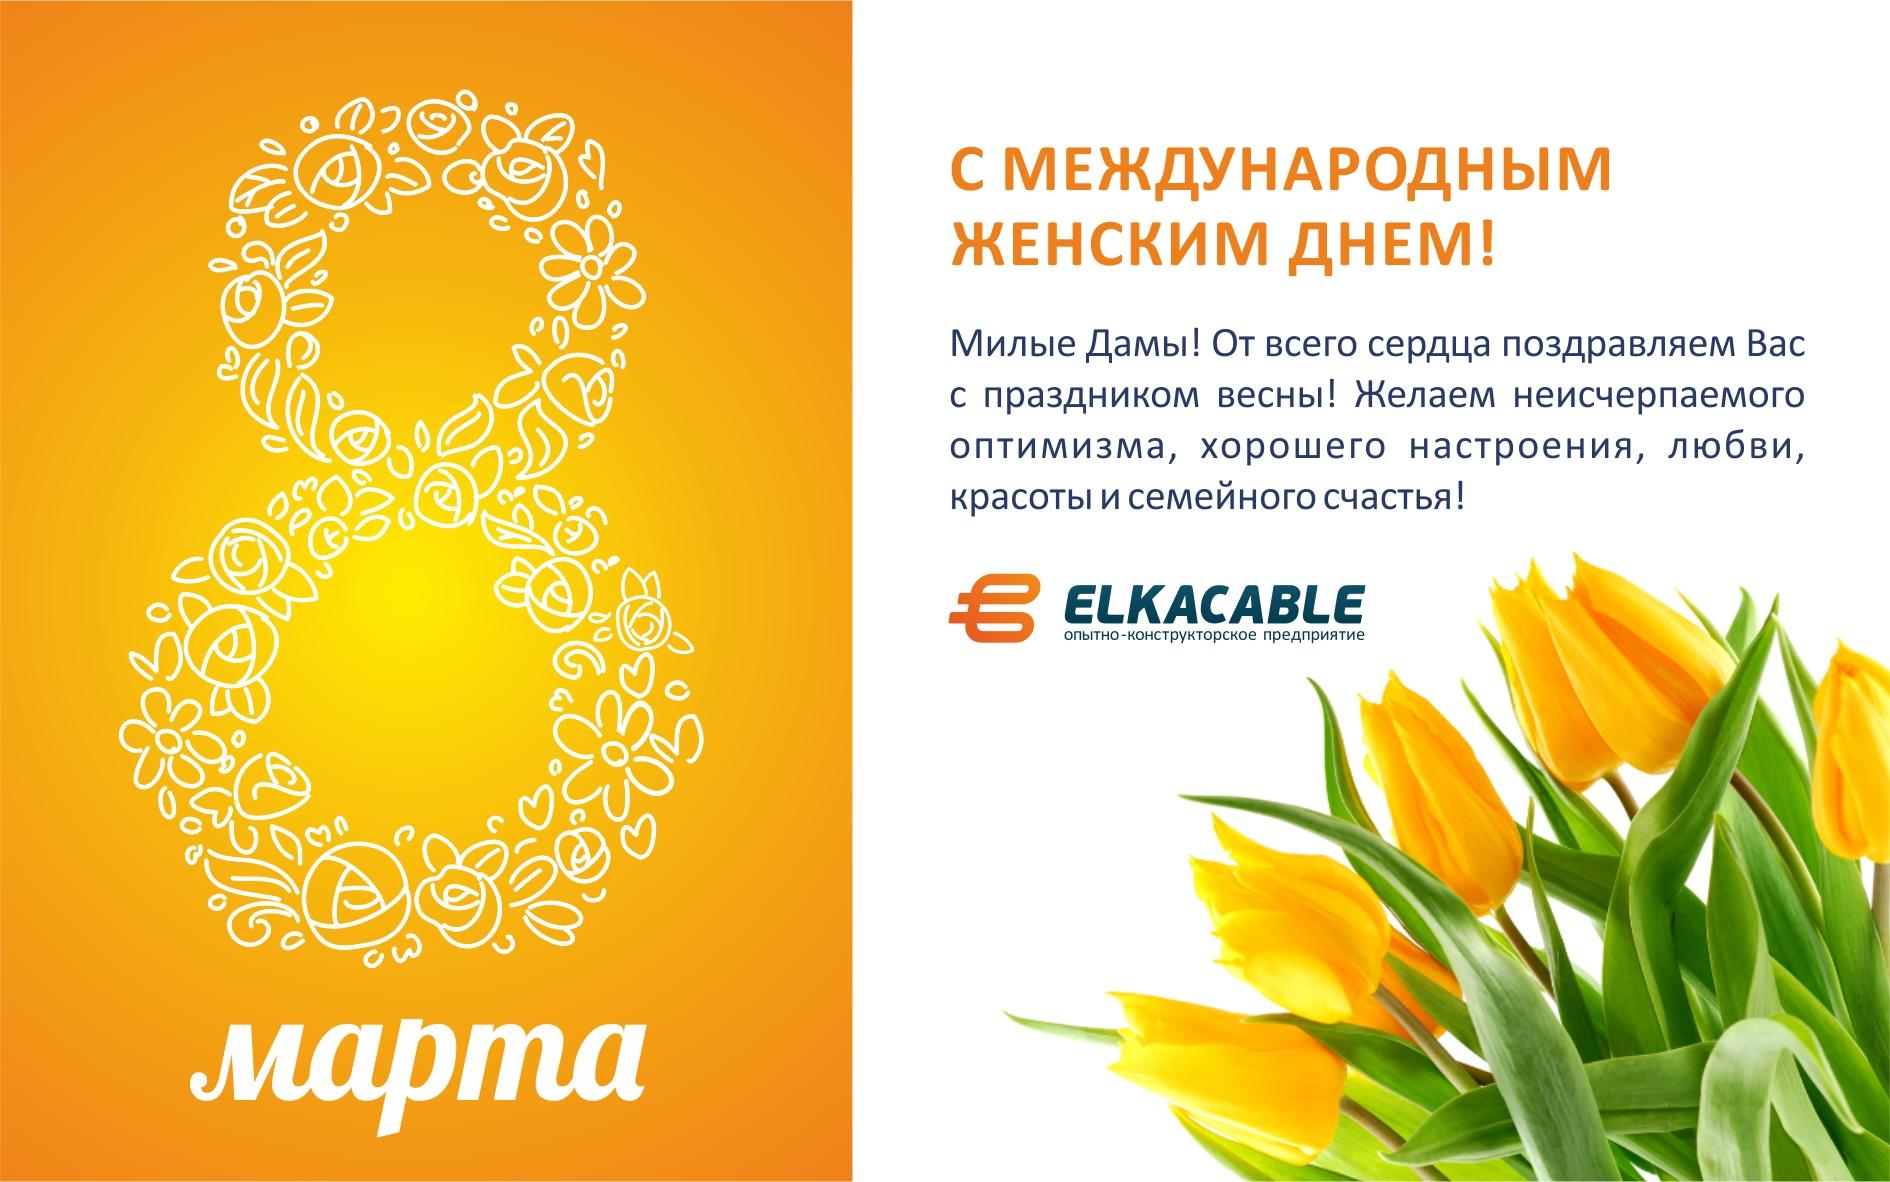 Поздравления 8 марта компании